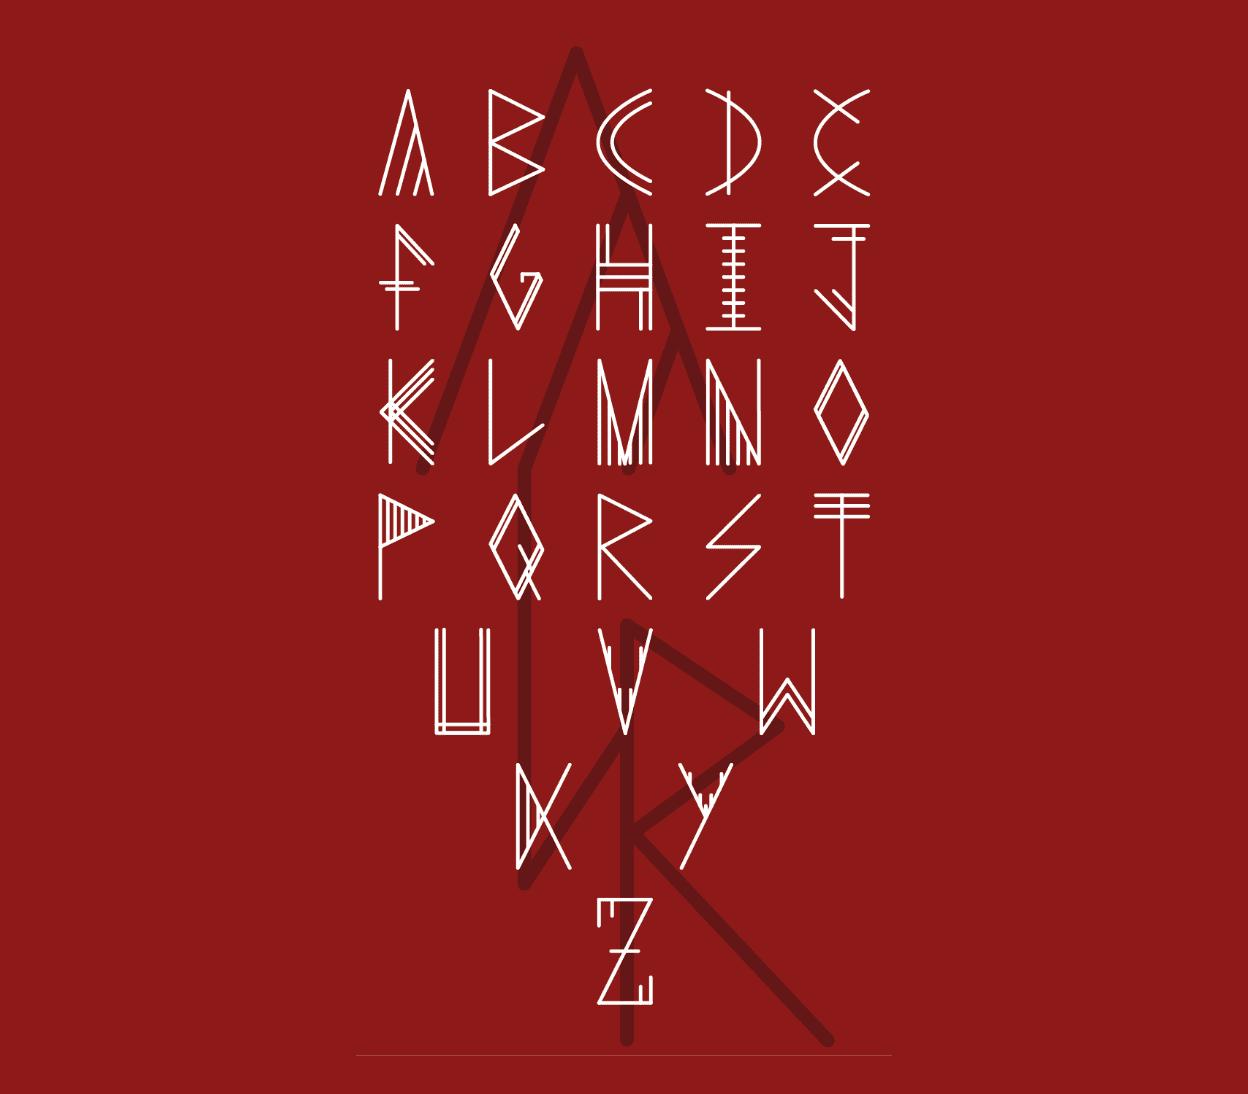 Typographie ALR 2 - Arnaud Le Roux - Directeur Artistique Digital & Développeur Front-End